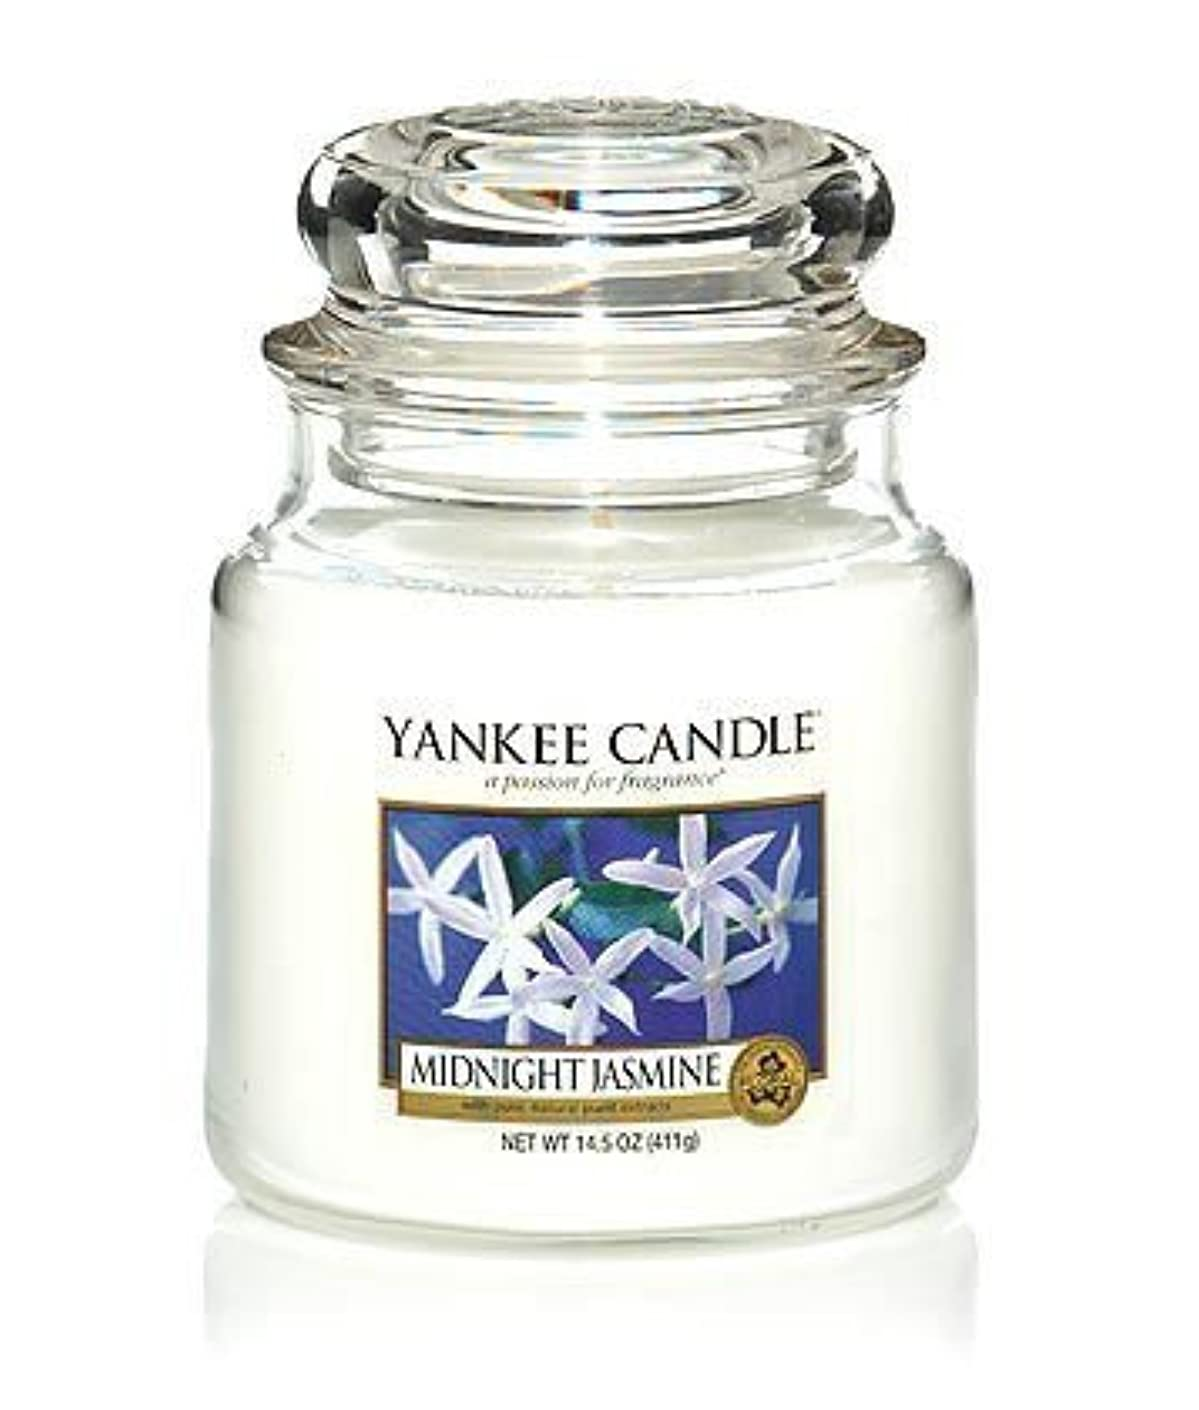 くフルートスワップYankee Candle Midnight Jasmine Medium Jar Candle, Floral Scent by Yankee Candle [並行輸入品]